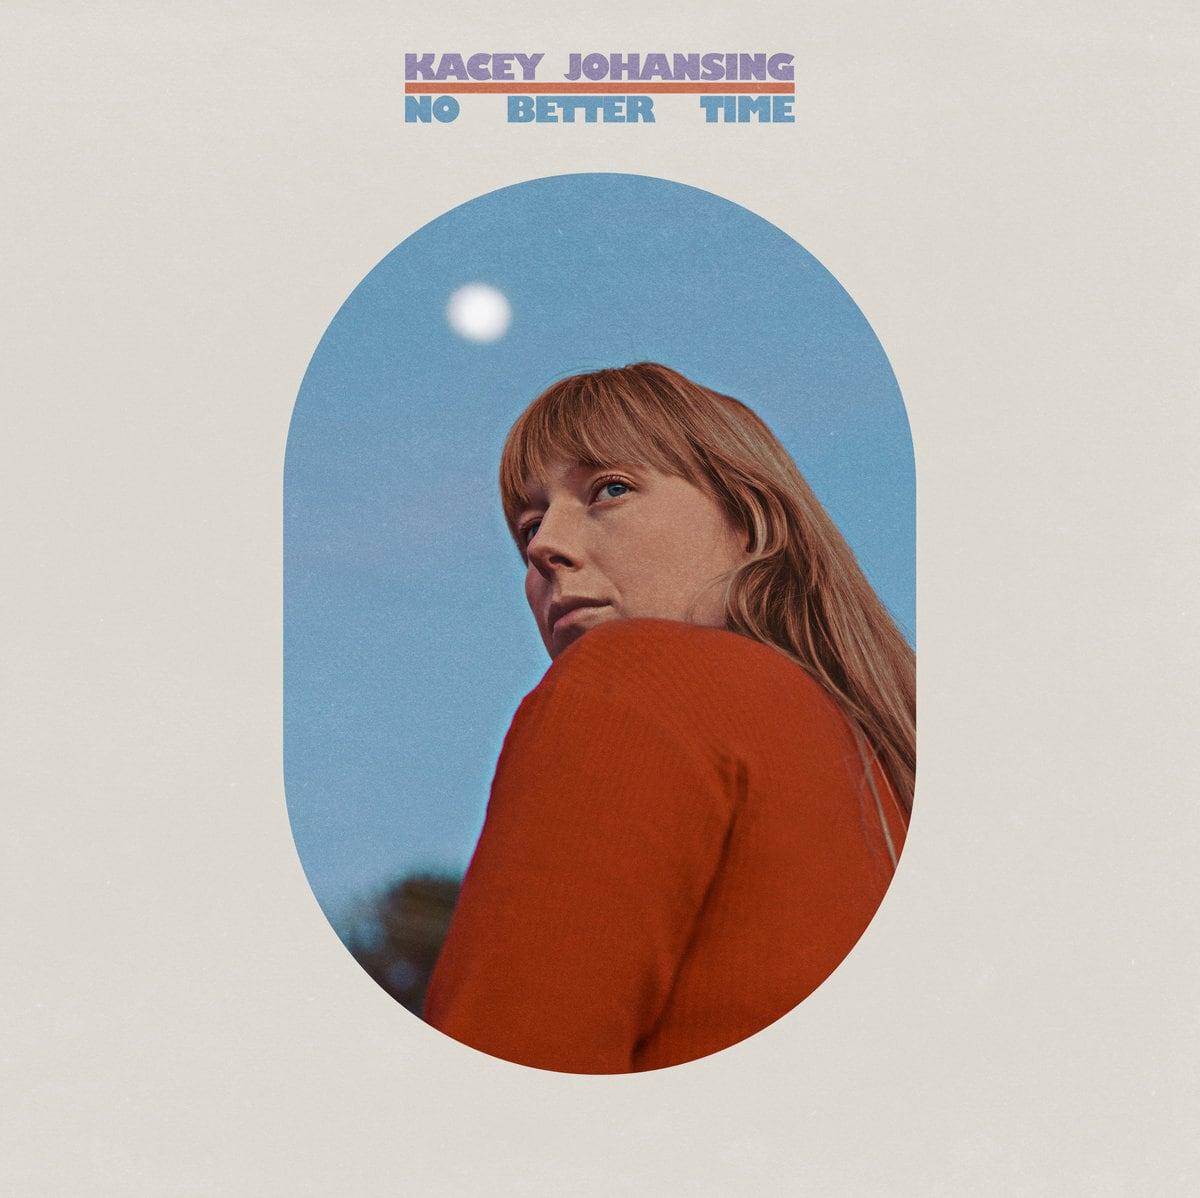 Kacey Johansing - No Better Time (LP)